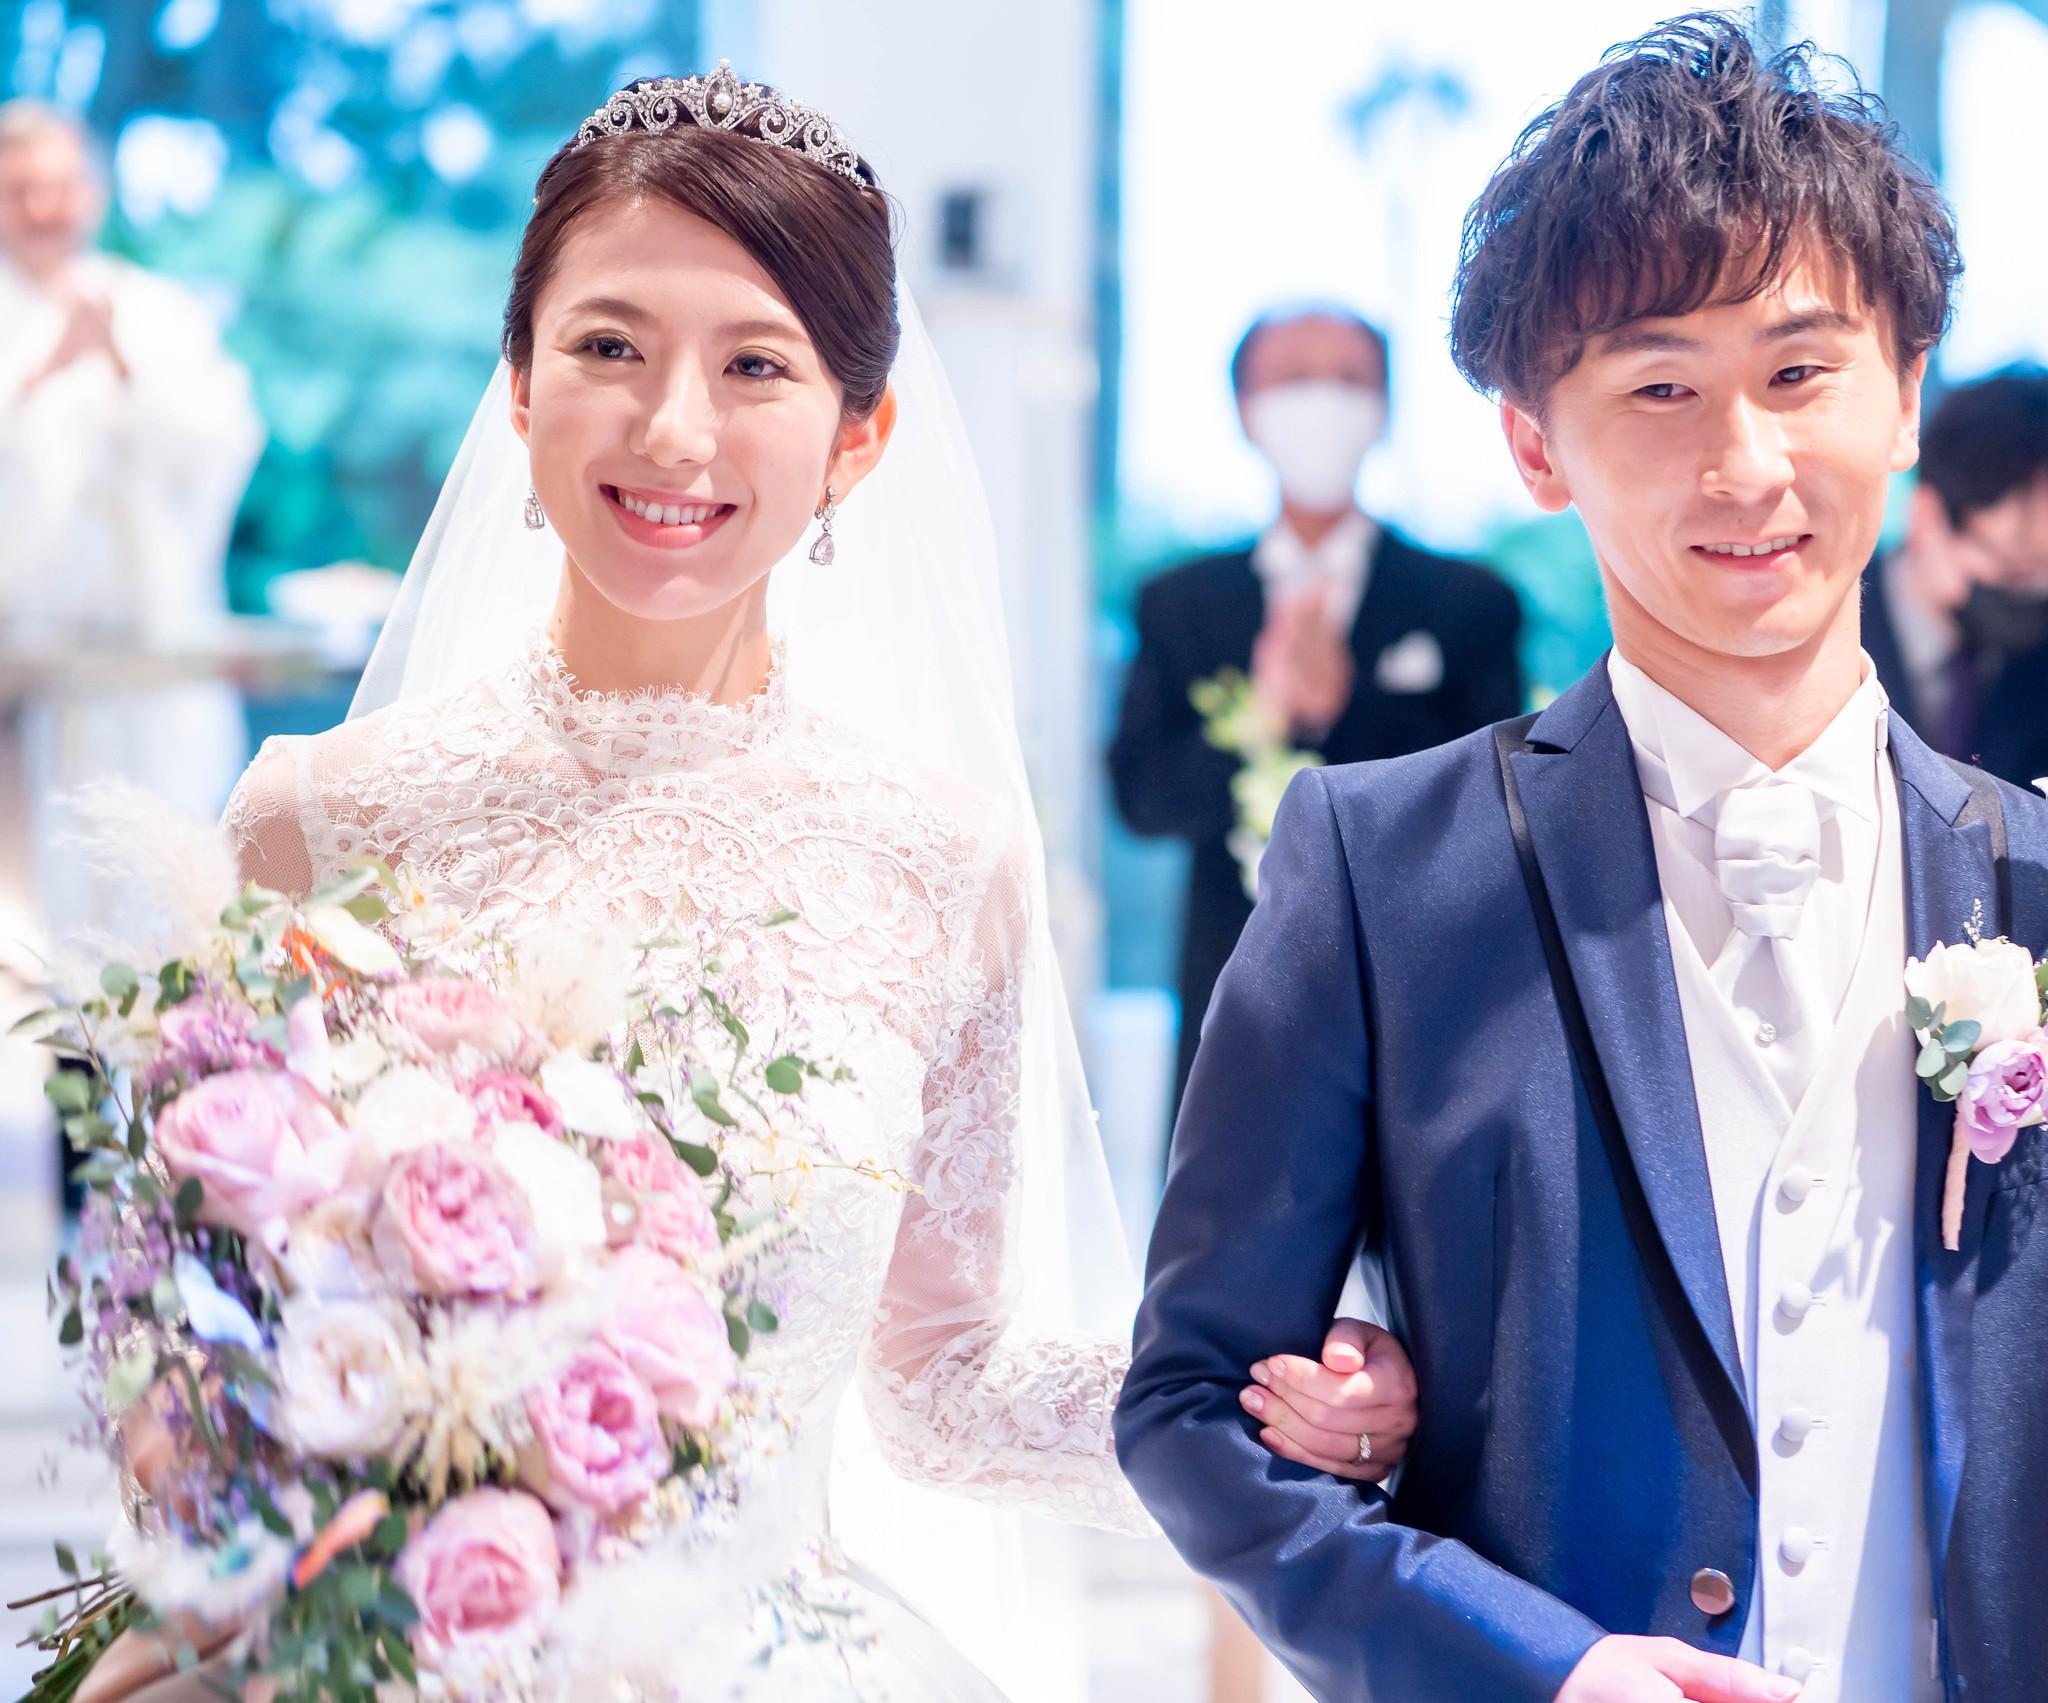 ご結婚おめでとうございます! ウェディングフォト@ヒルトン東京ベイ